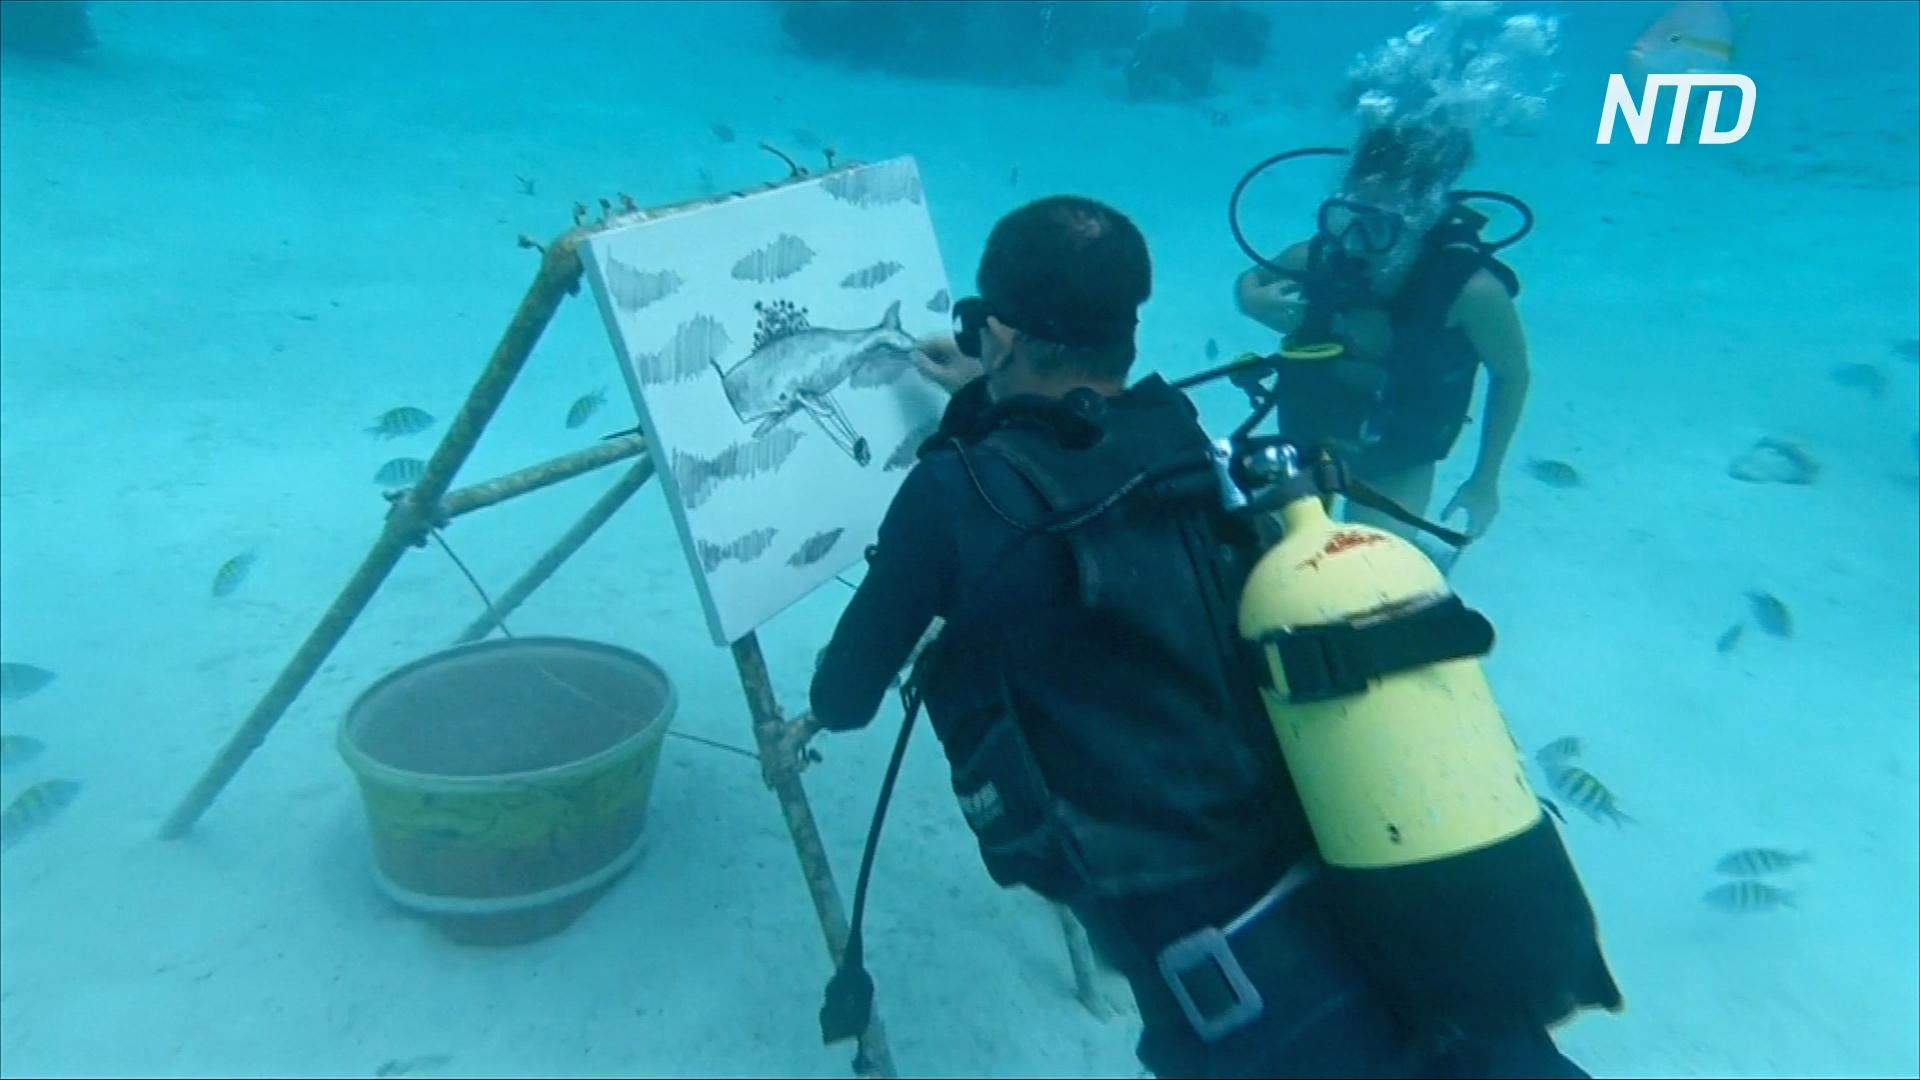 Искусство под водой: кубинец рисует картины на дне океана